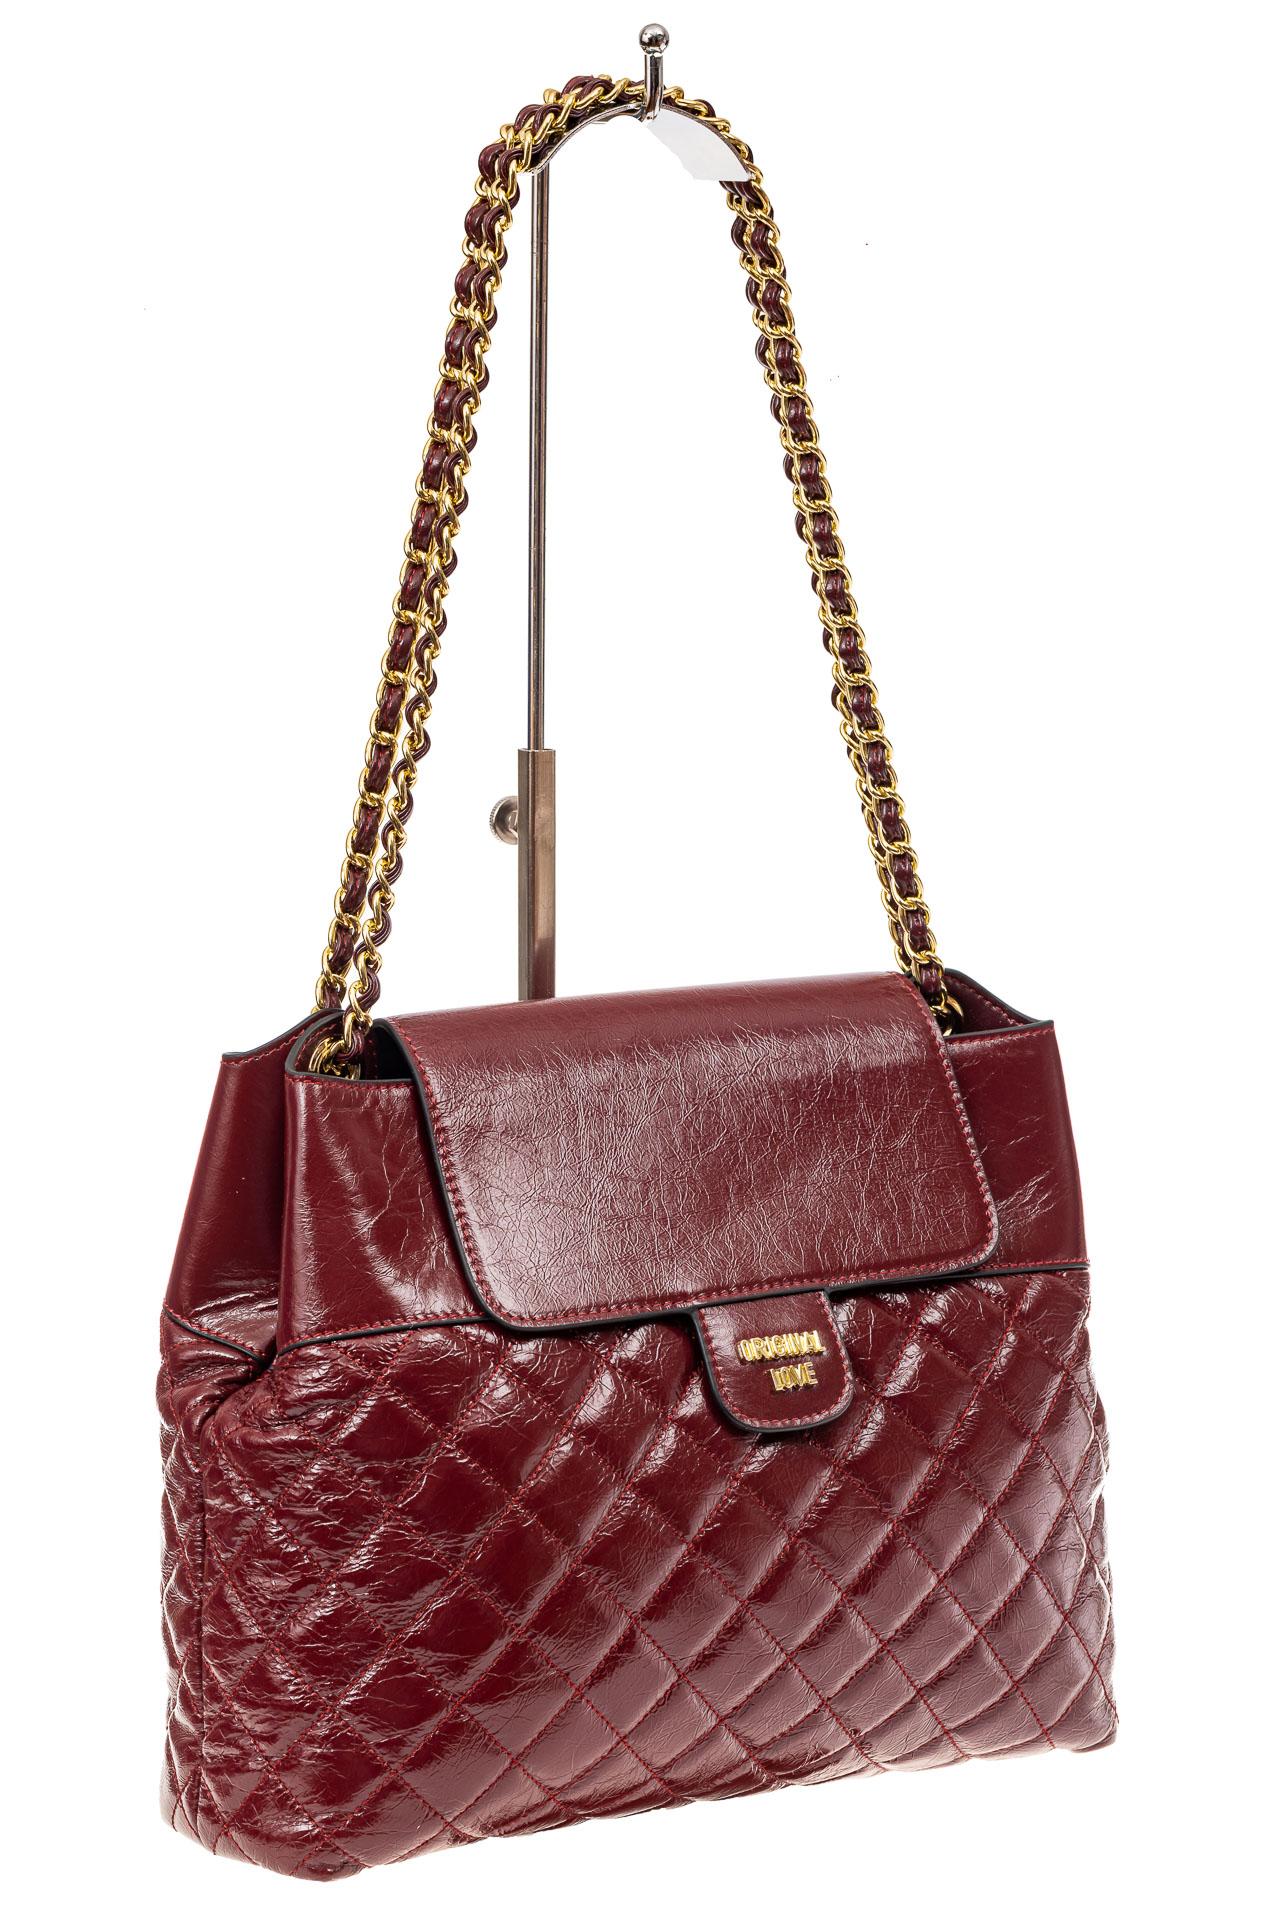 Качественная сумка женская стеганая из натуральной кожи, цвет бордо9113NK1219/4